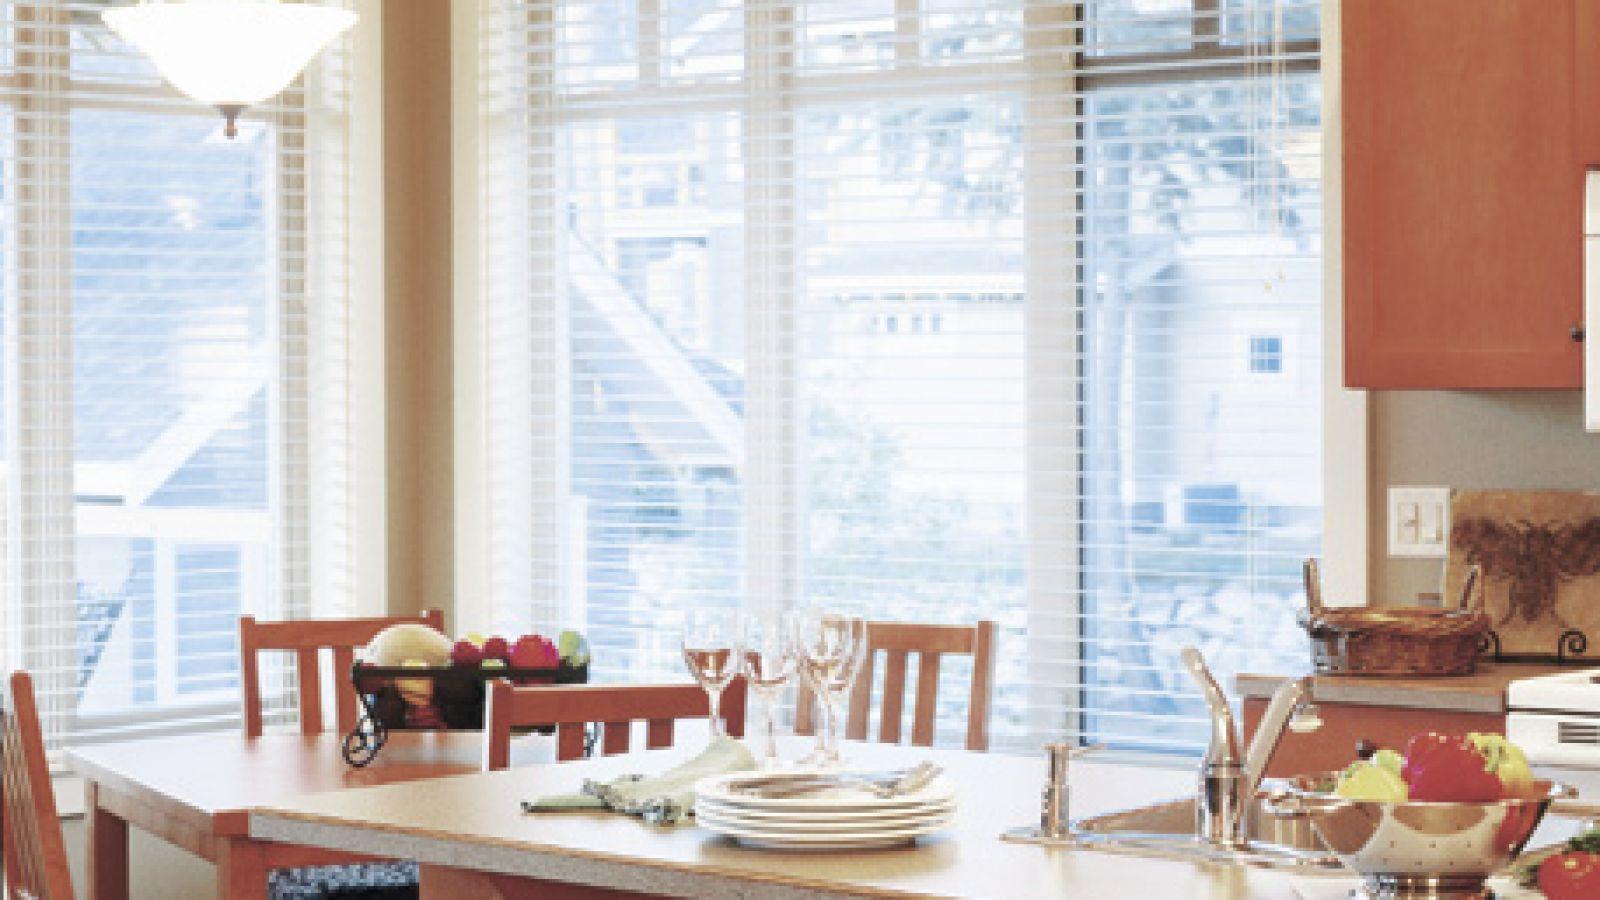 Predator Ridge Resort - cottage kitchen